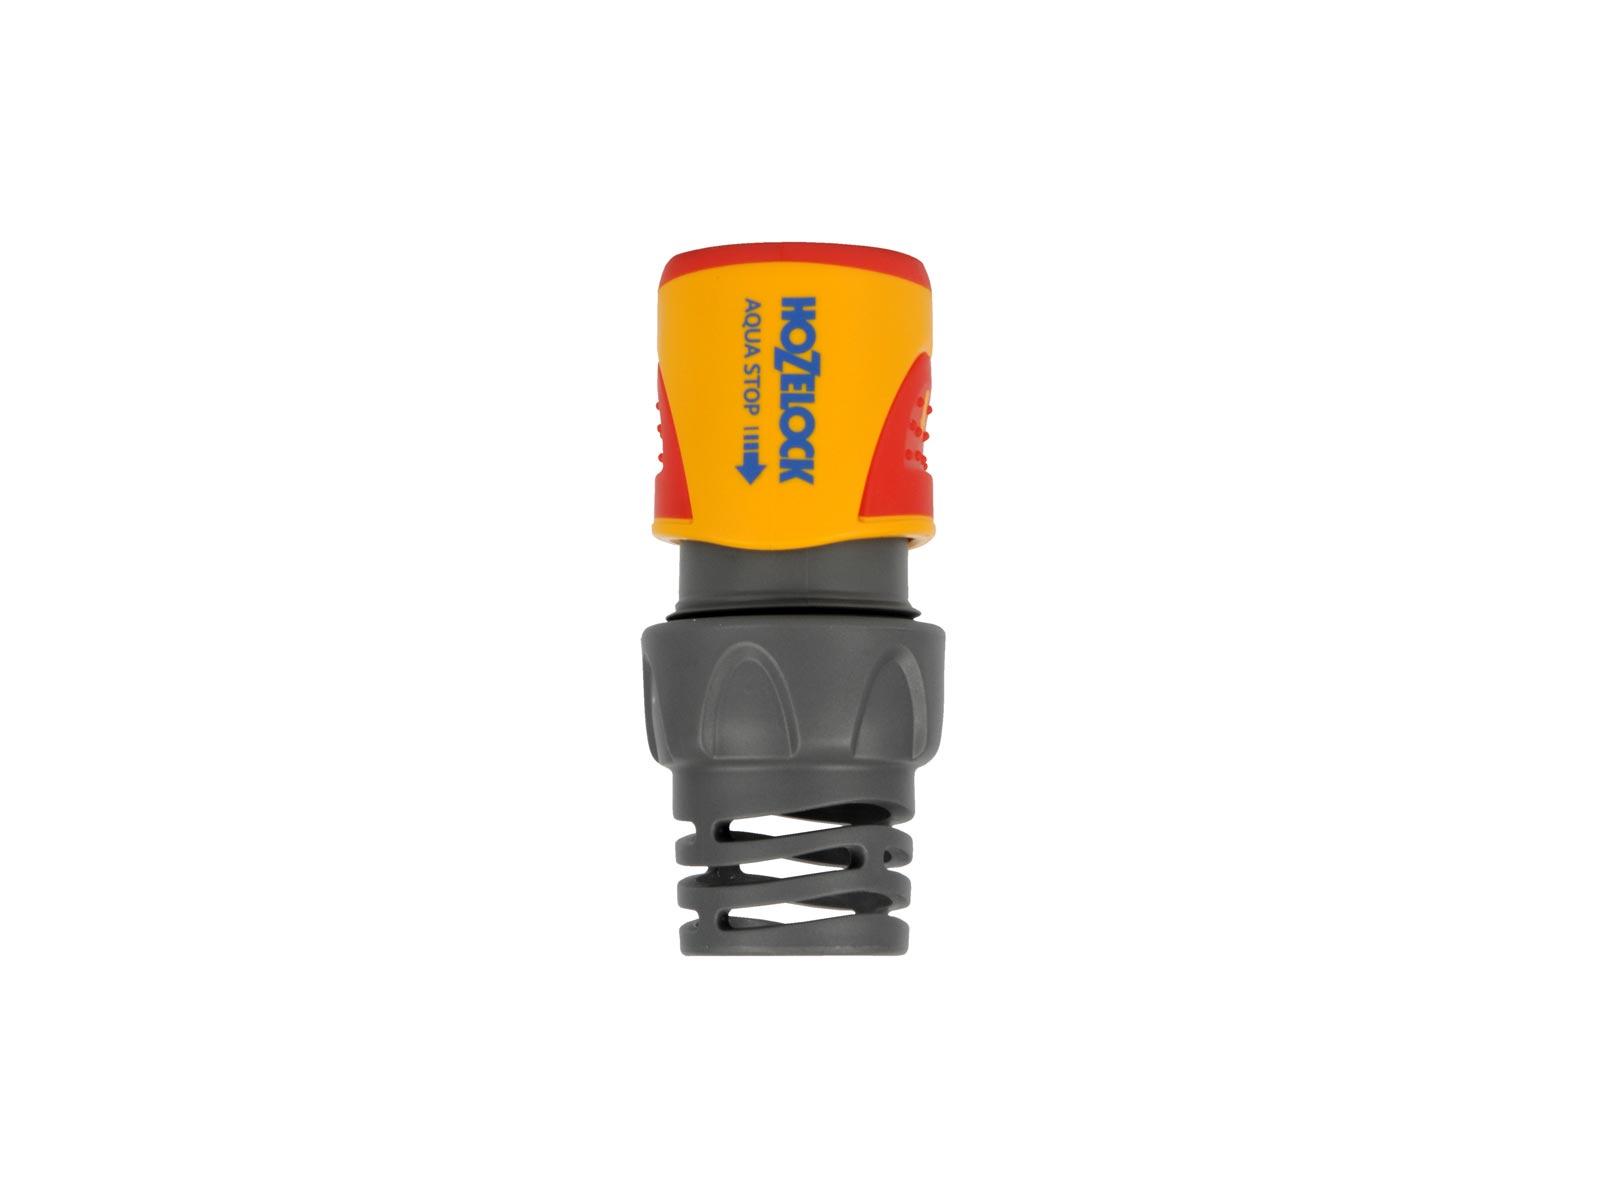 """Коннектор шланга Hozelock """"Plus"""" 2065 Аквастоп для концов шланга, 3/4"""", желтый, серый, красный"""